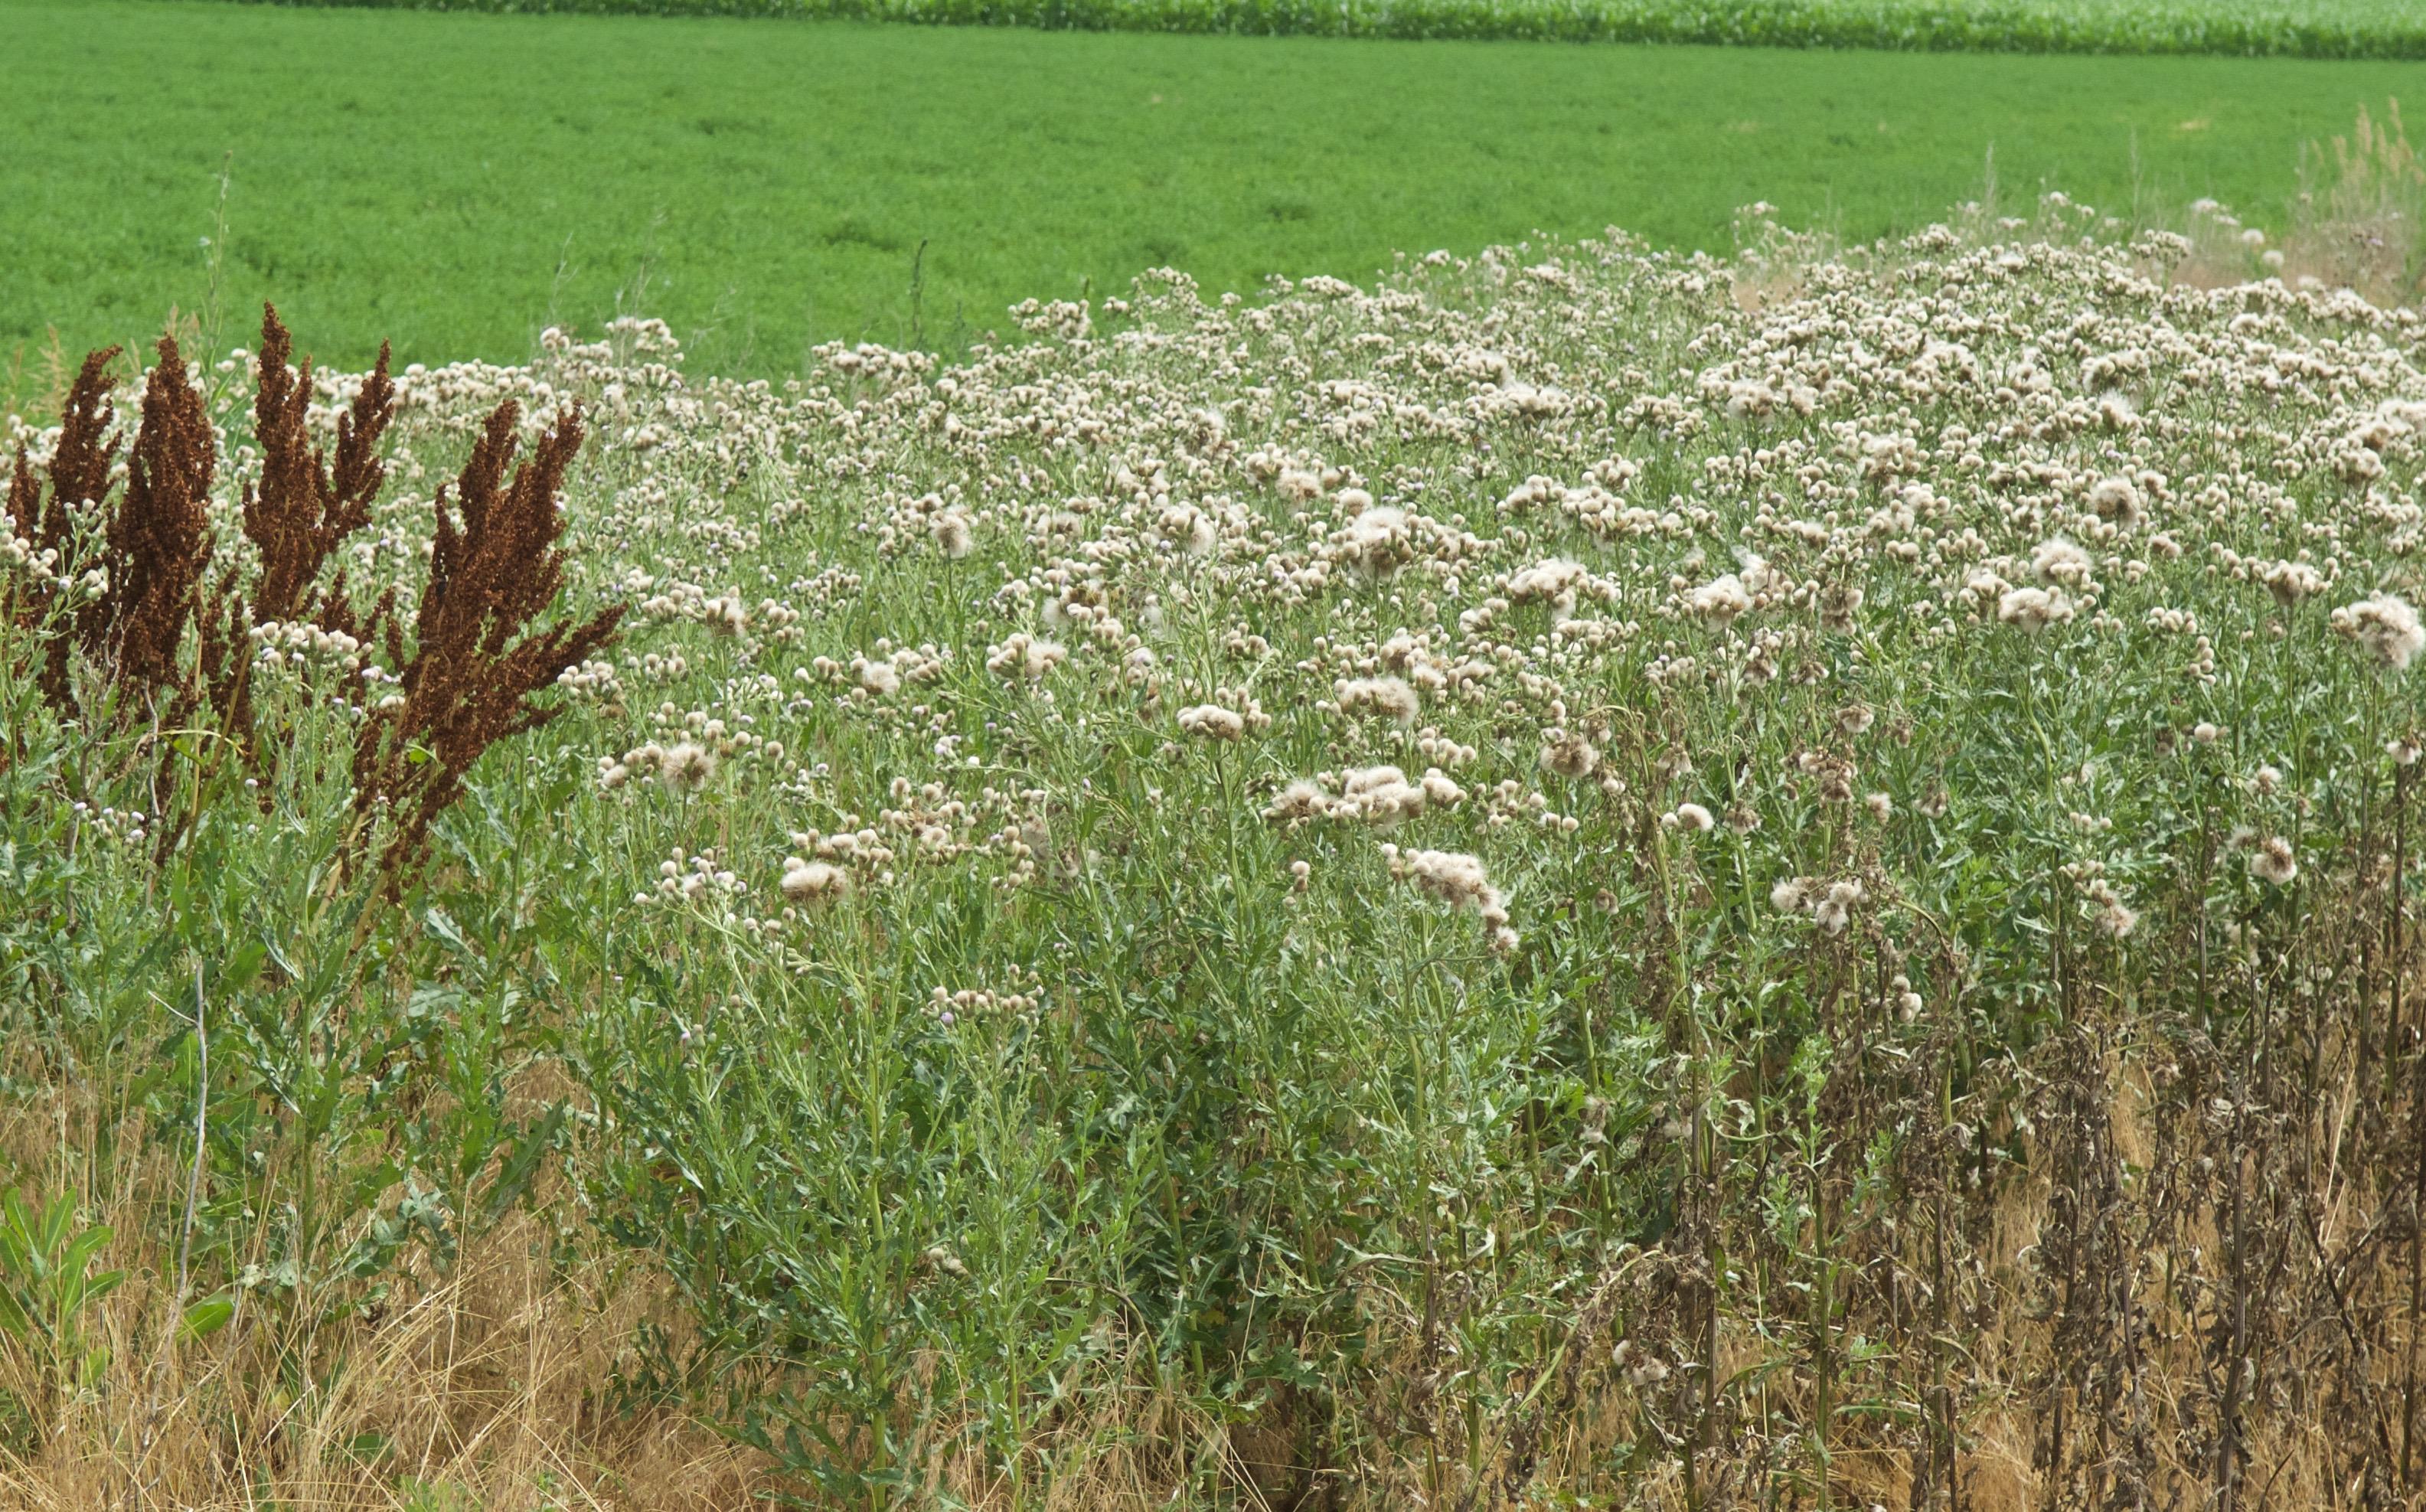 Canada Thistle (Cirsium arvense) in decline